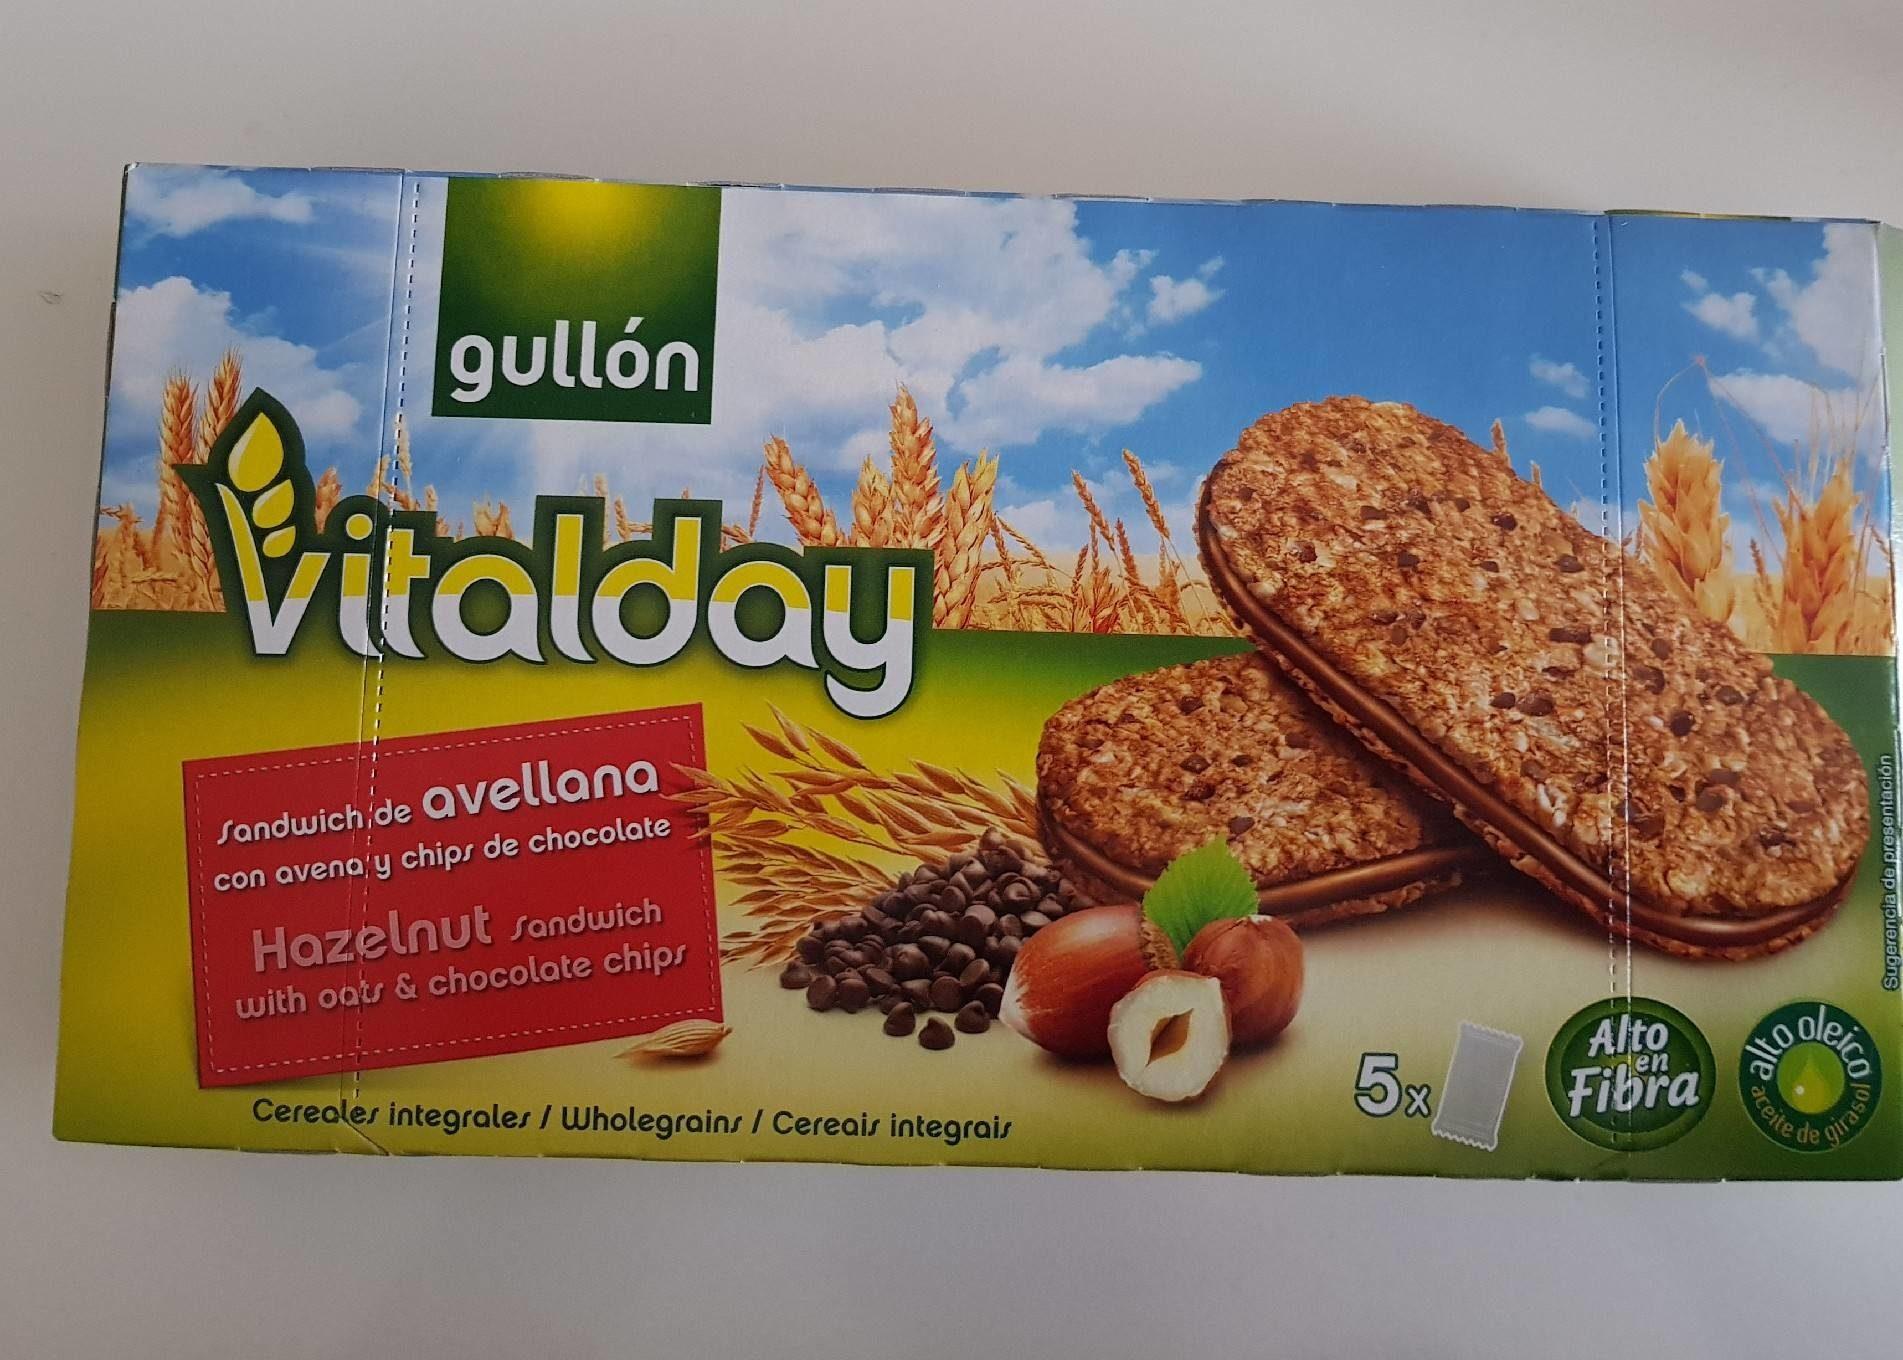 Sandwich de avellana con avena y chips de chocolate Vitalday - Produto